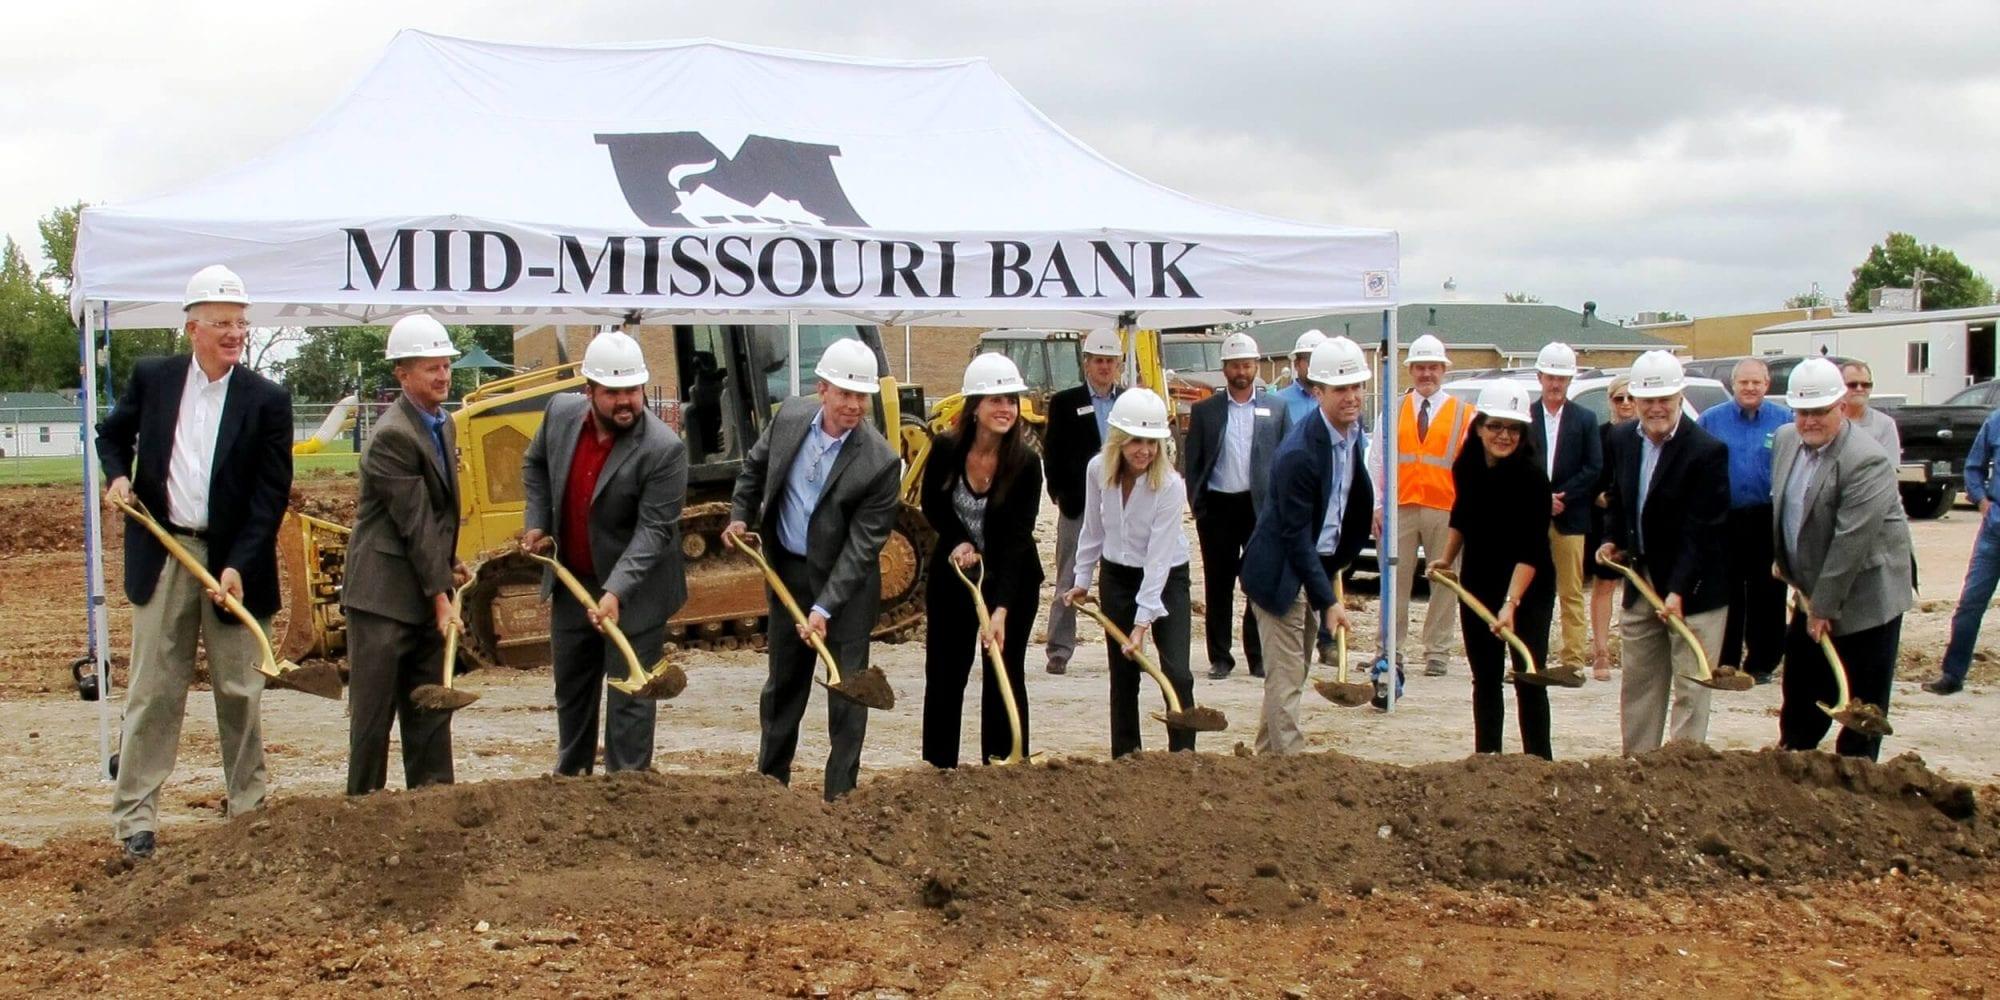 Mid-Missouri Bank Mount Vernon